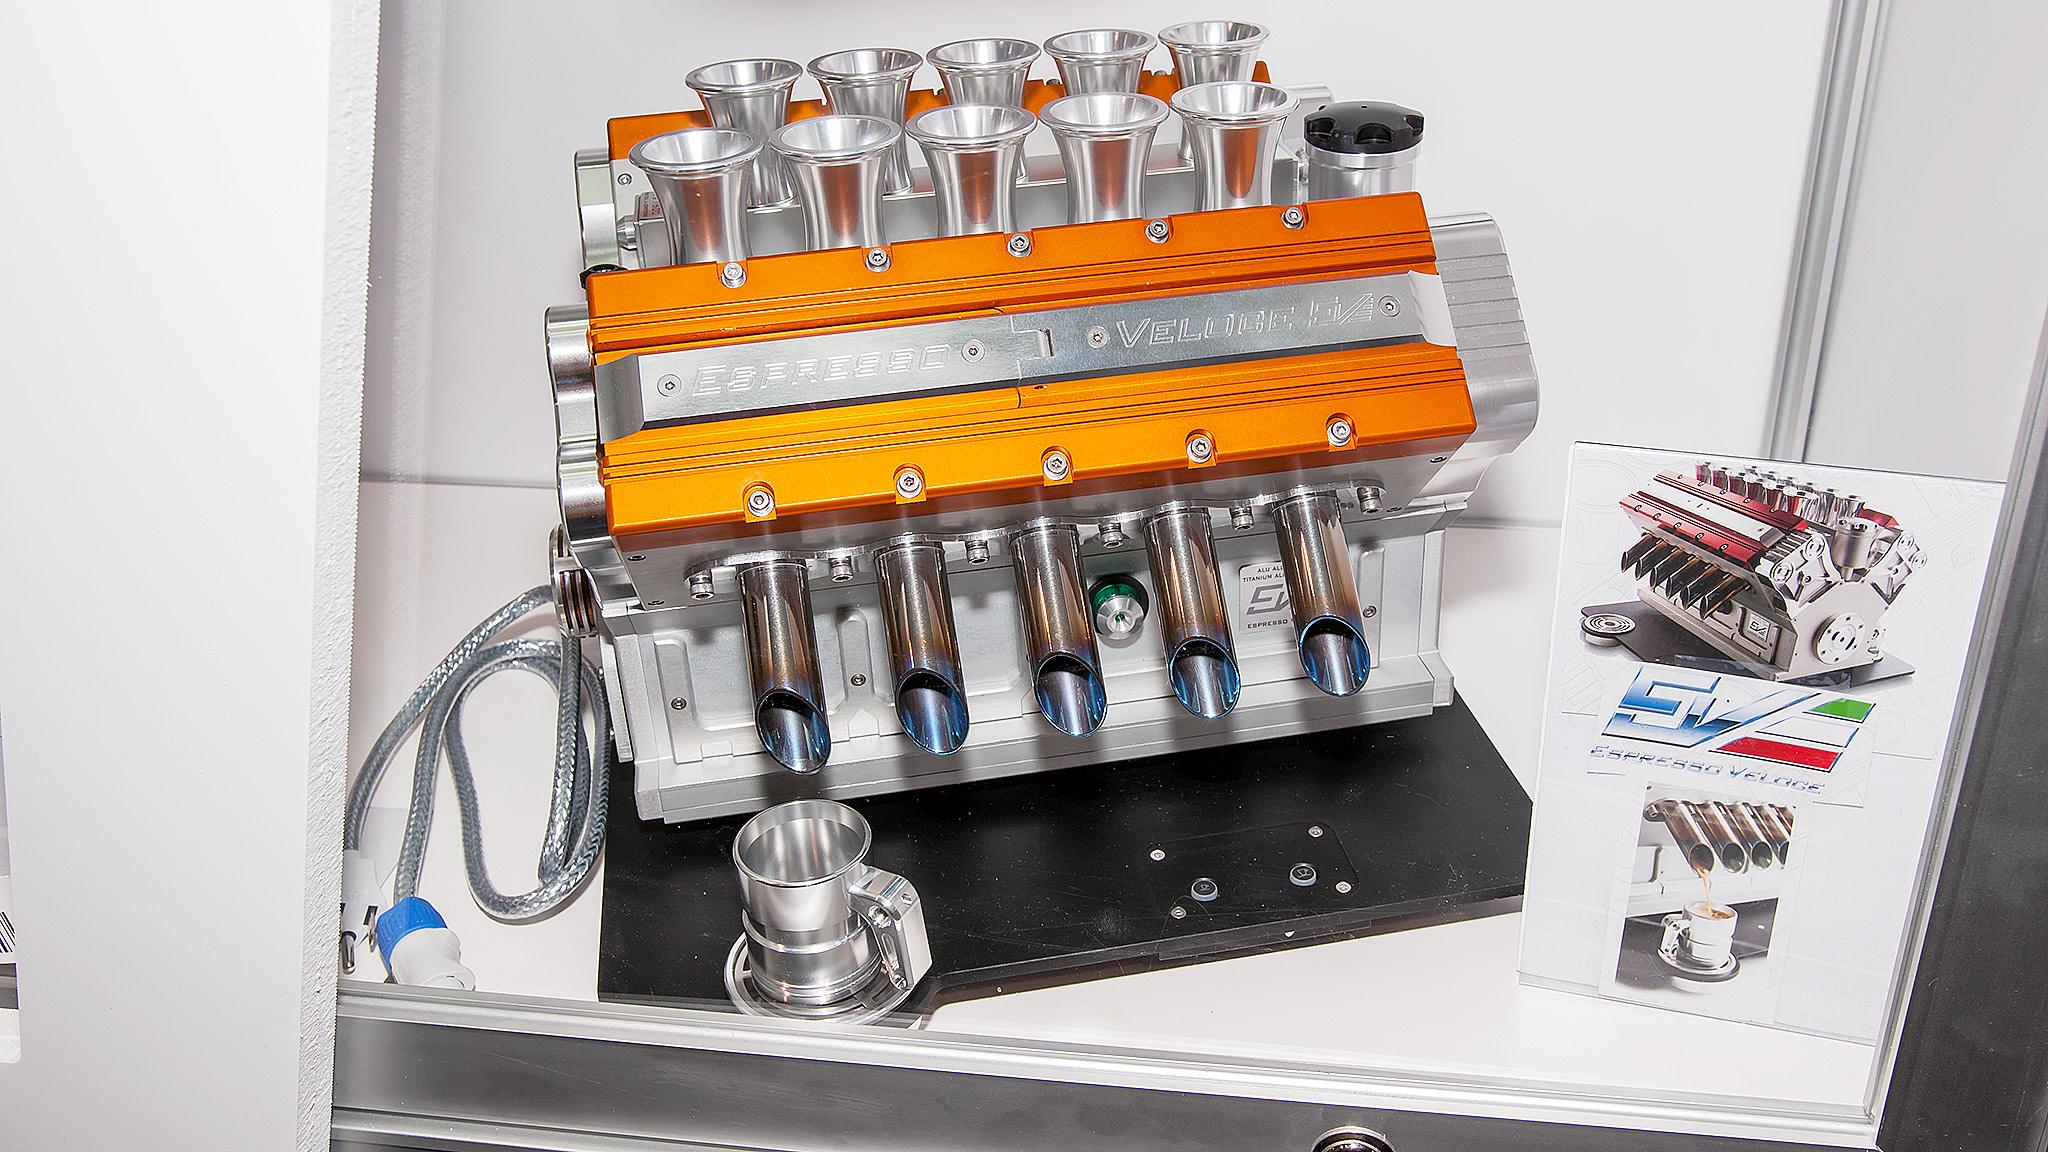 Espresso Veloce machine